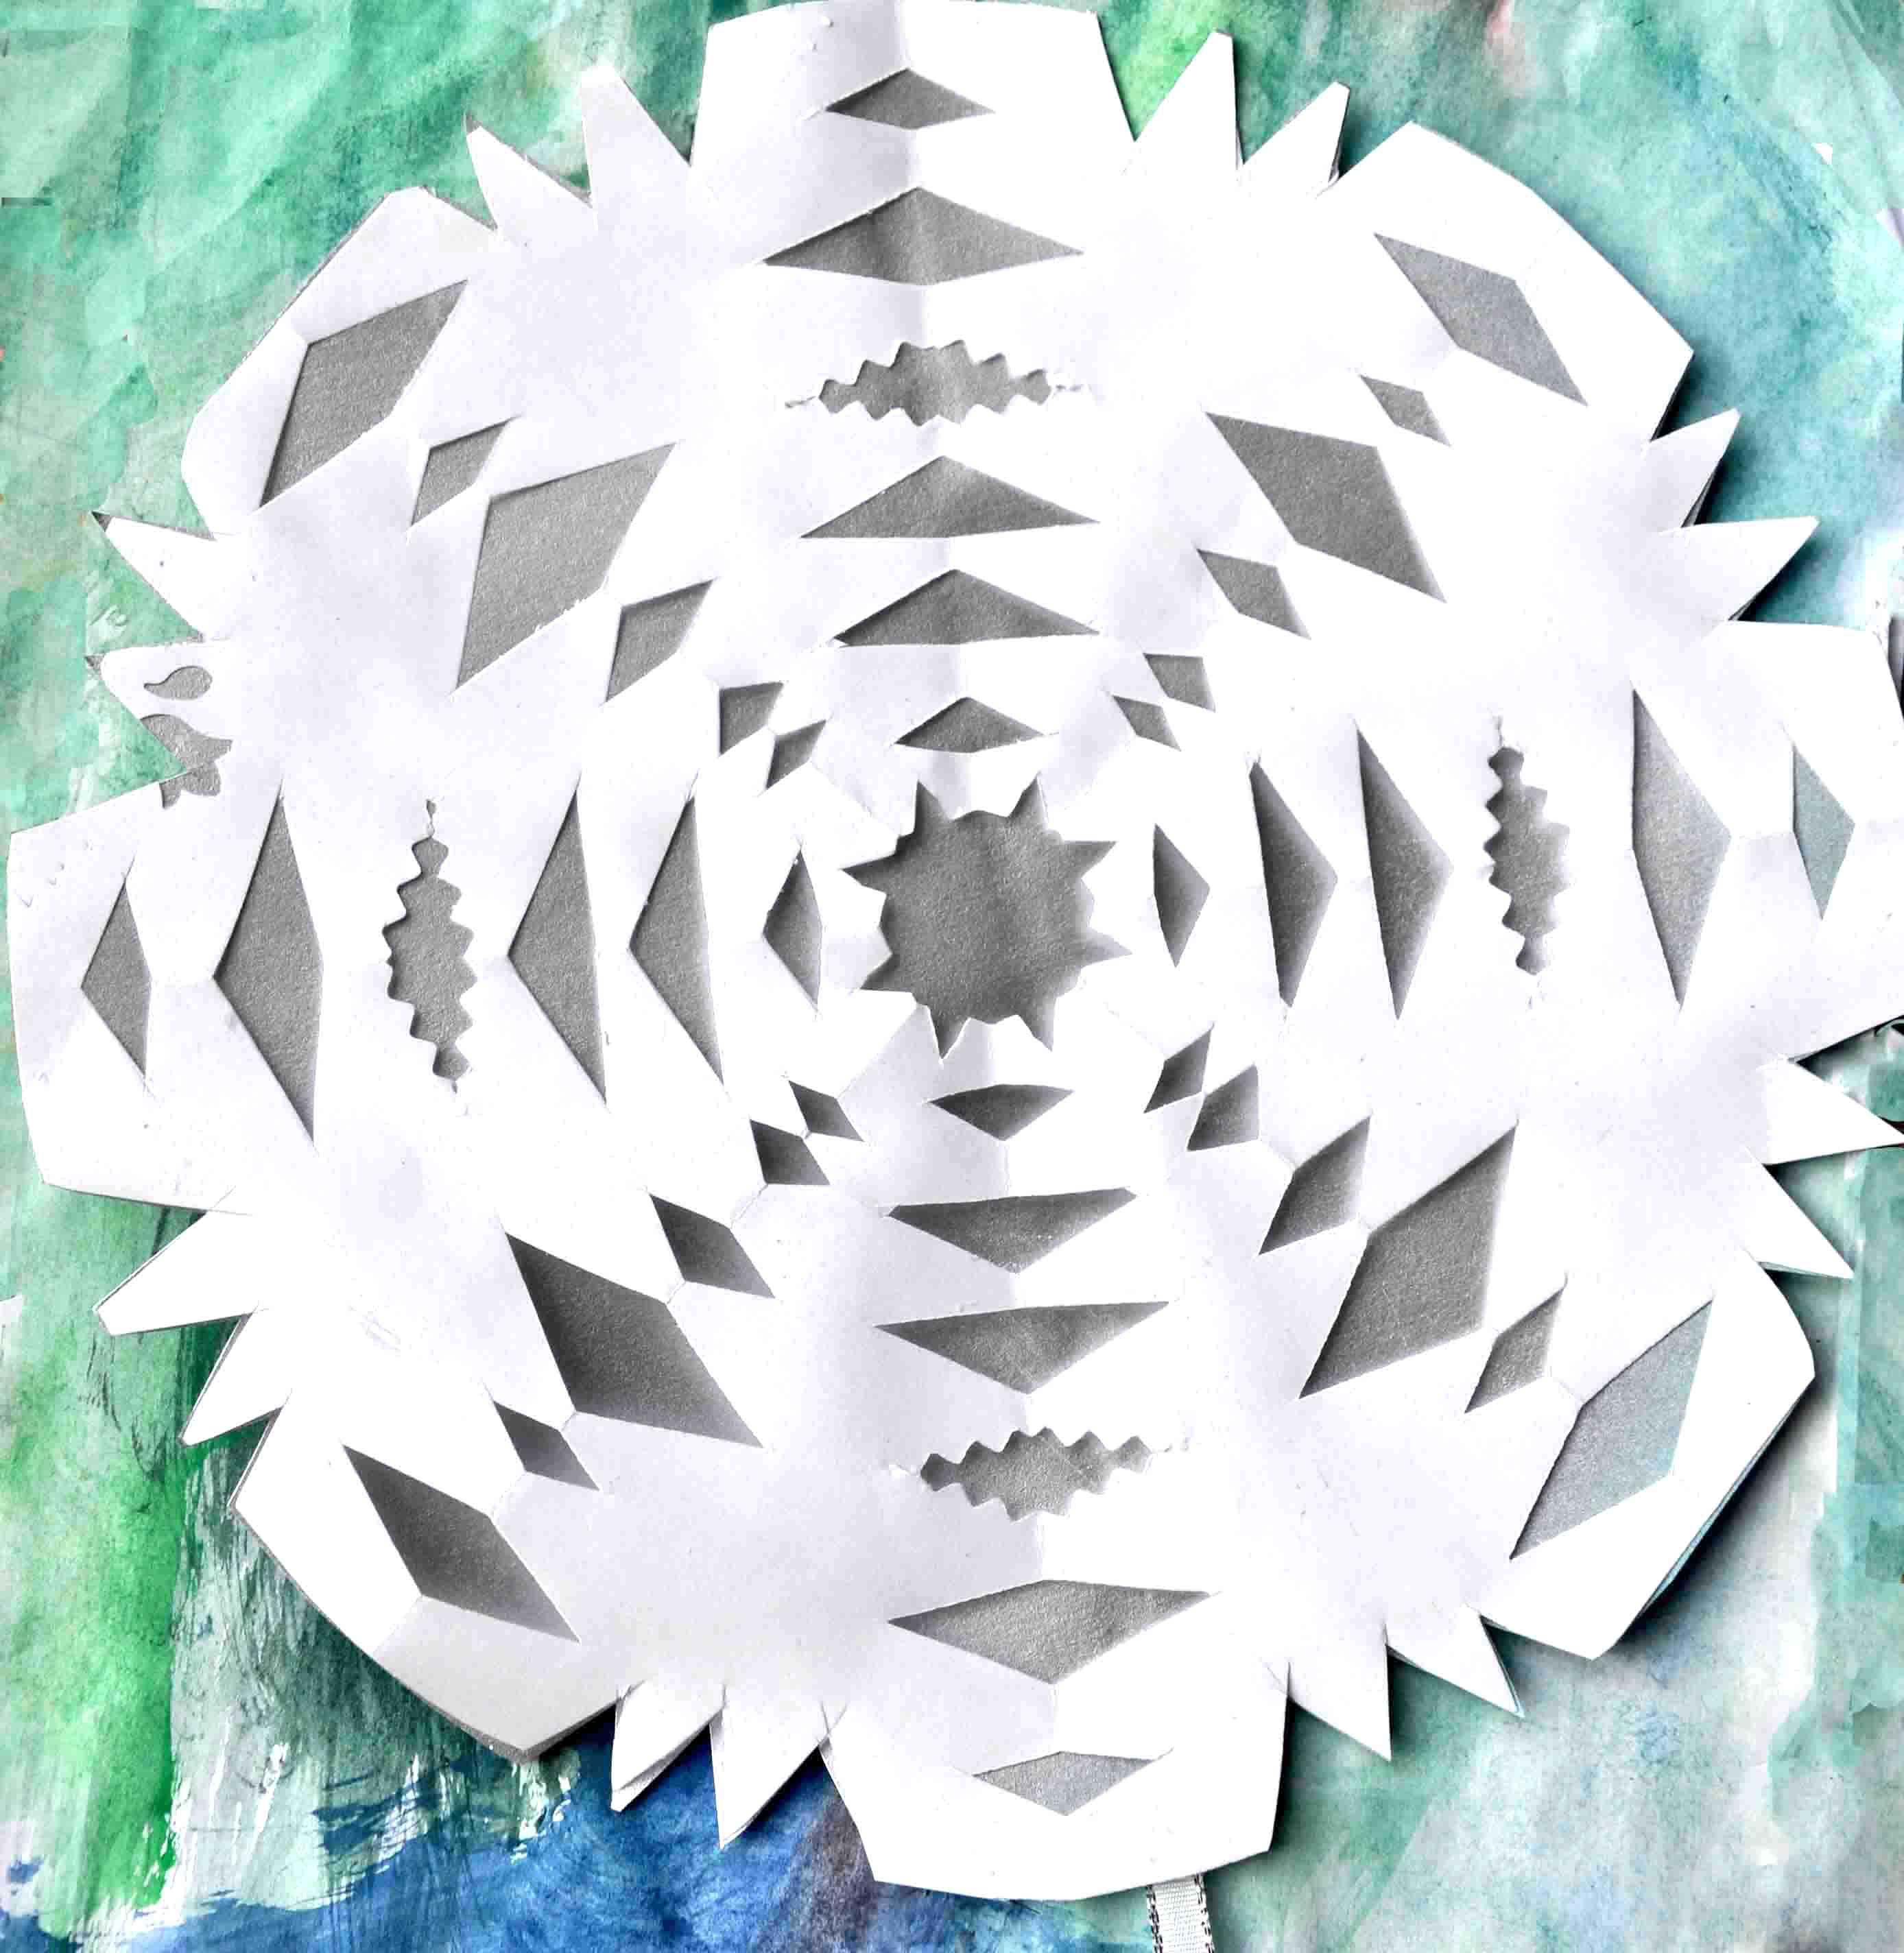 Sněhové vločky - Vánoční dekorace!